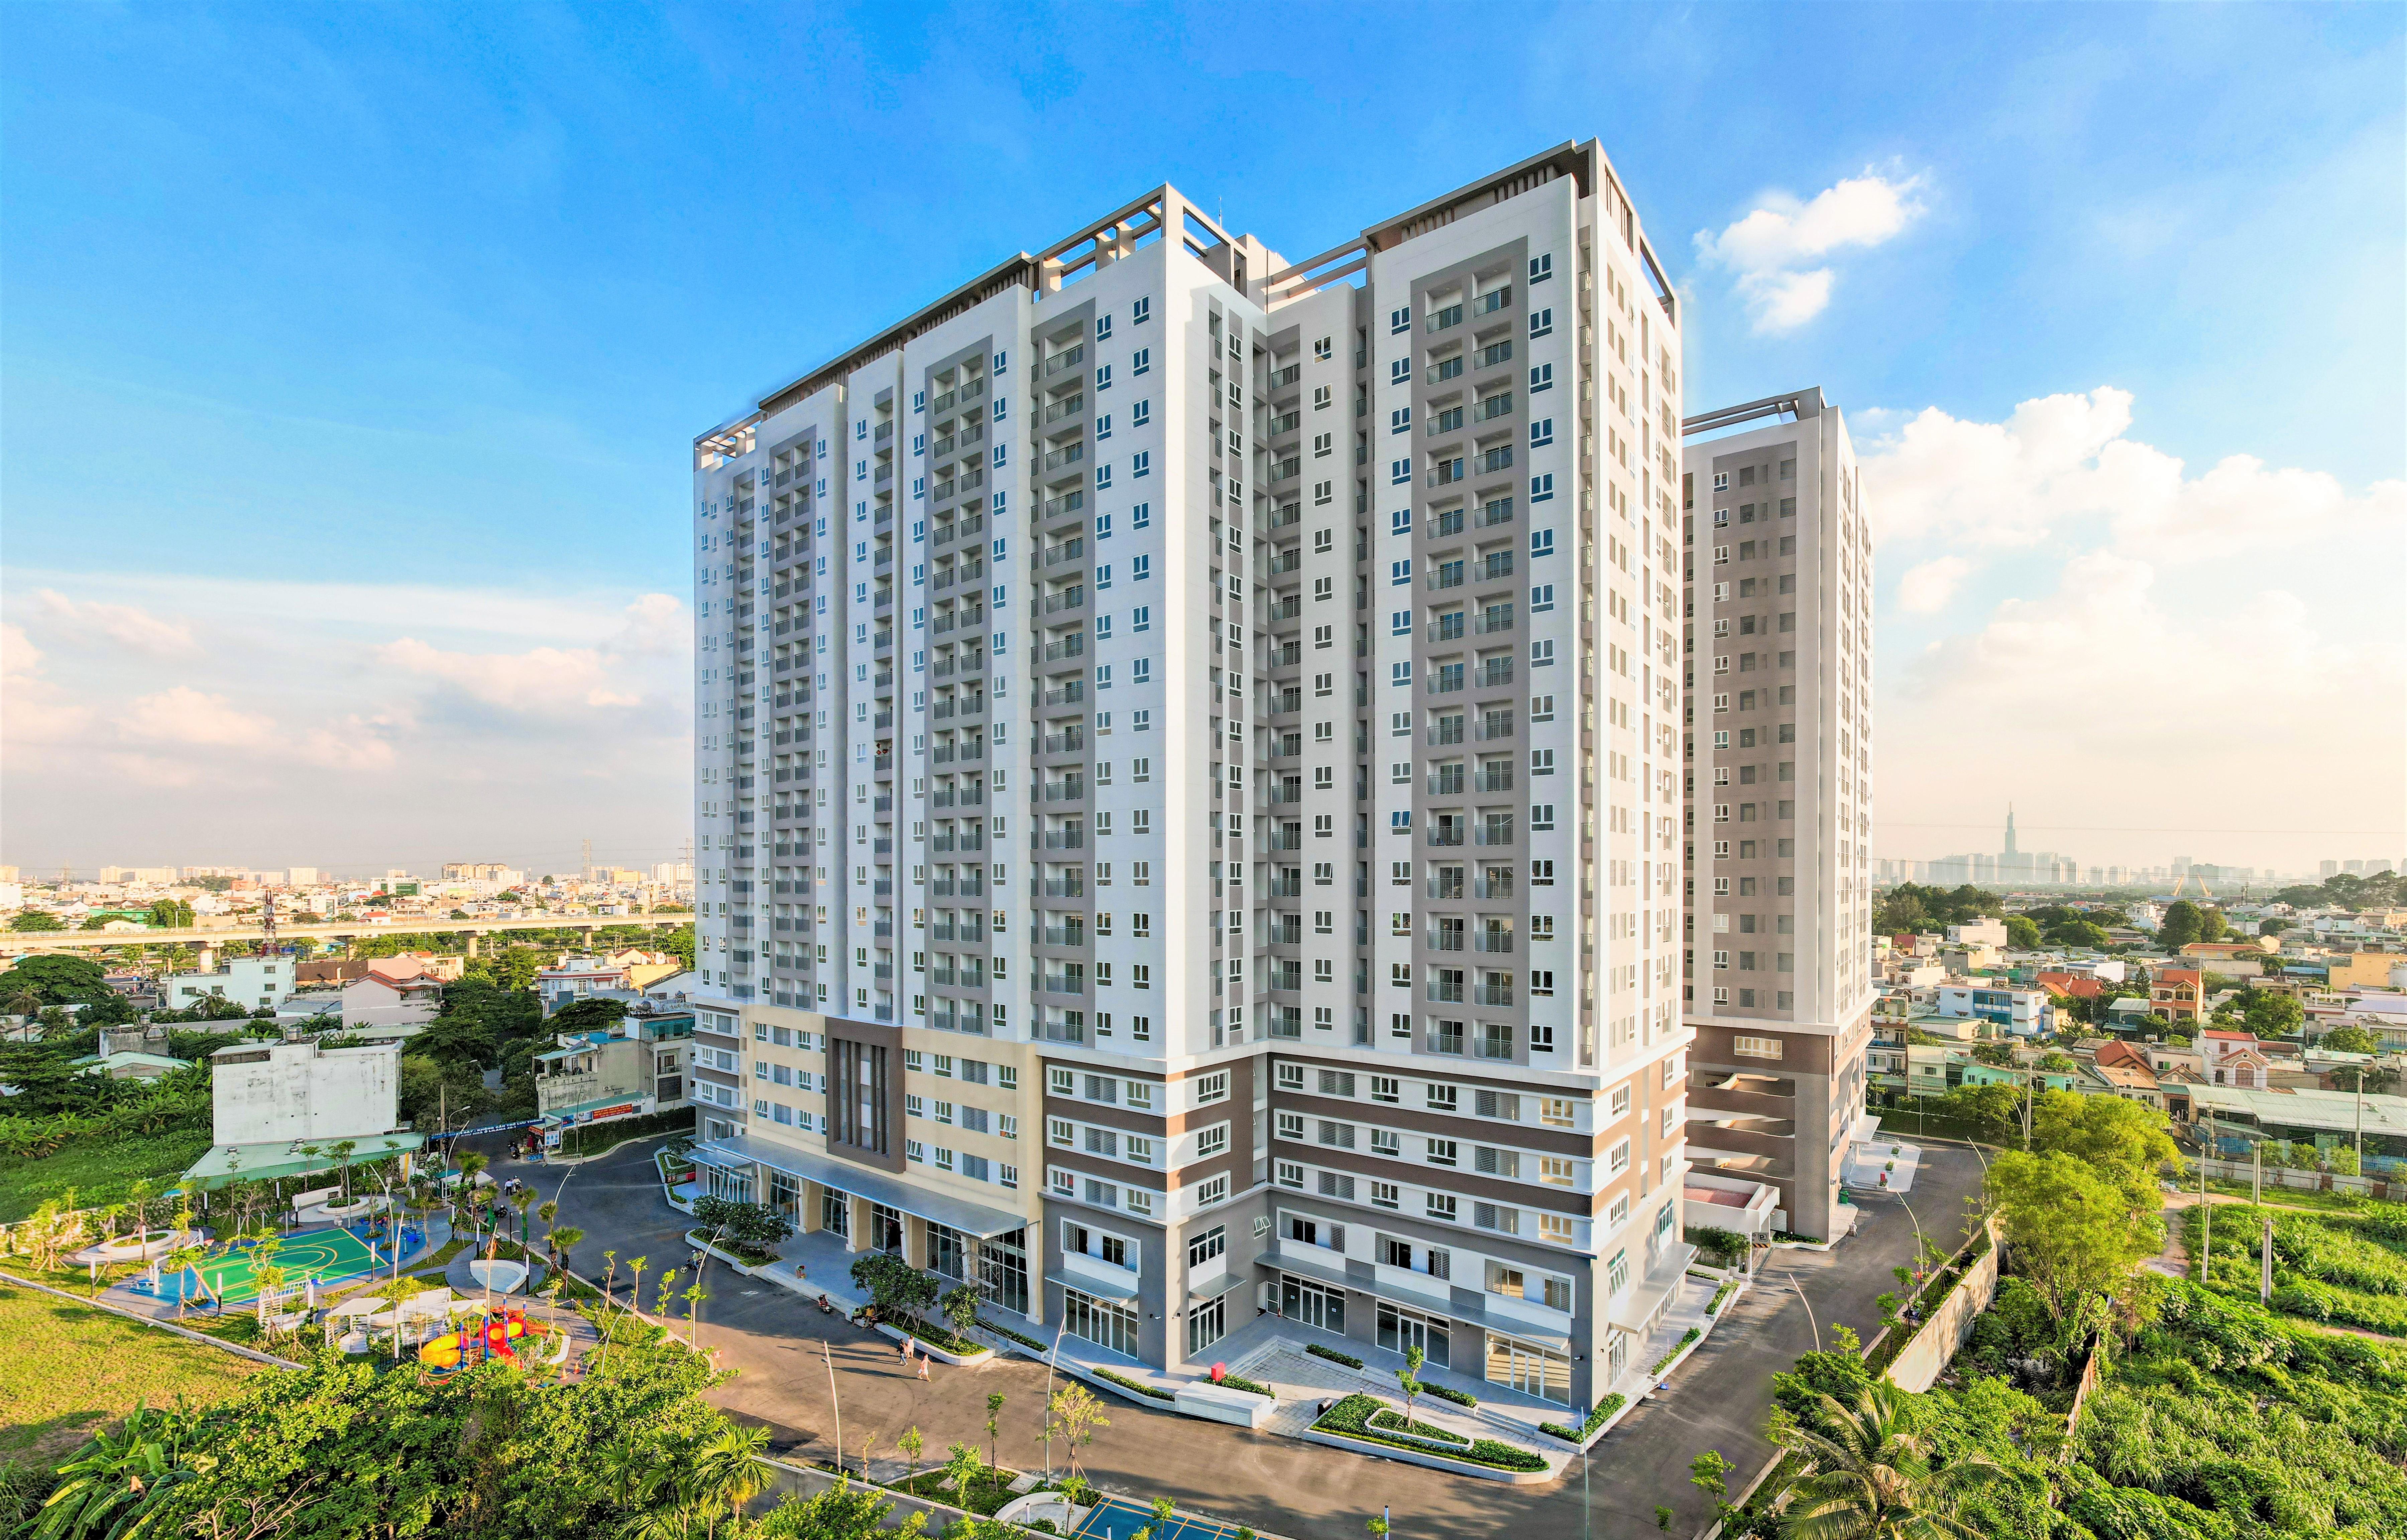 Dự án Lavita Charm do Hưng Thịnh Incons làm tổng thầu xây dựng vừa được bàn giao cho khách hàng từ giữa tháng 4/2021.